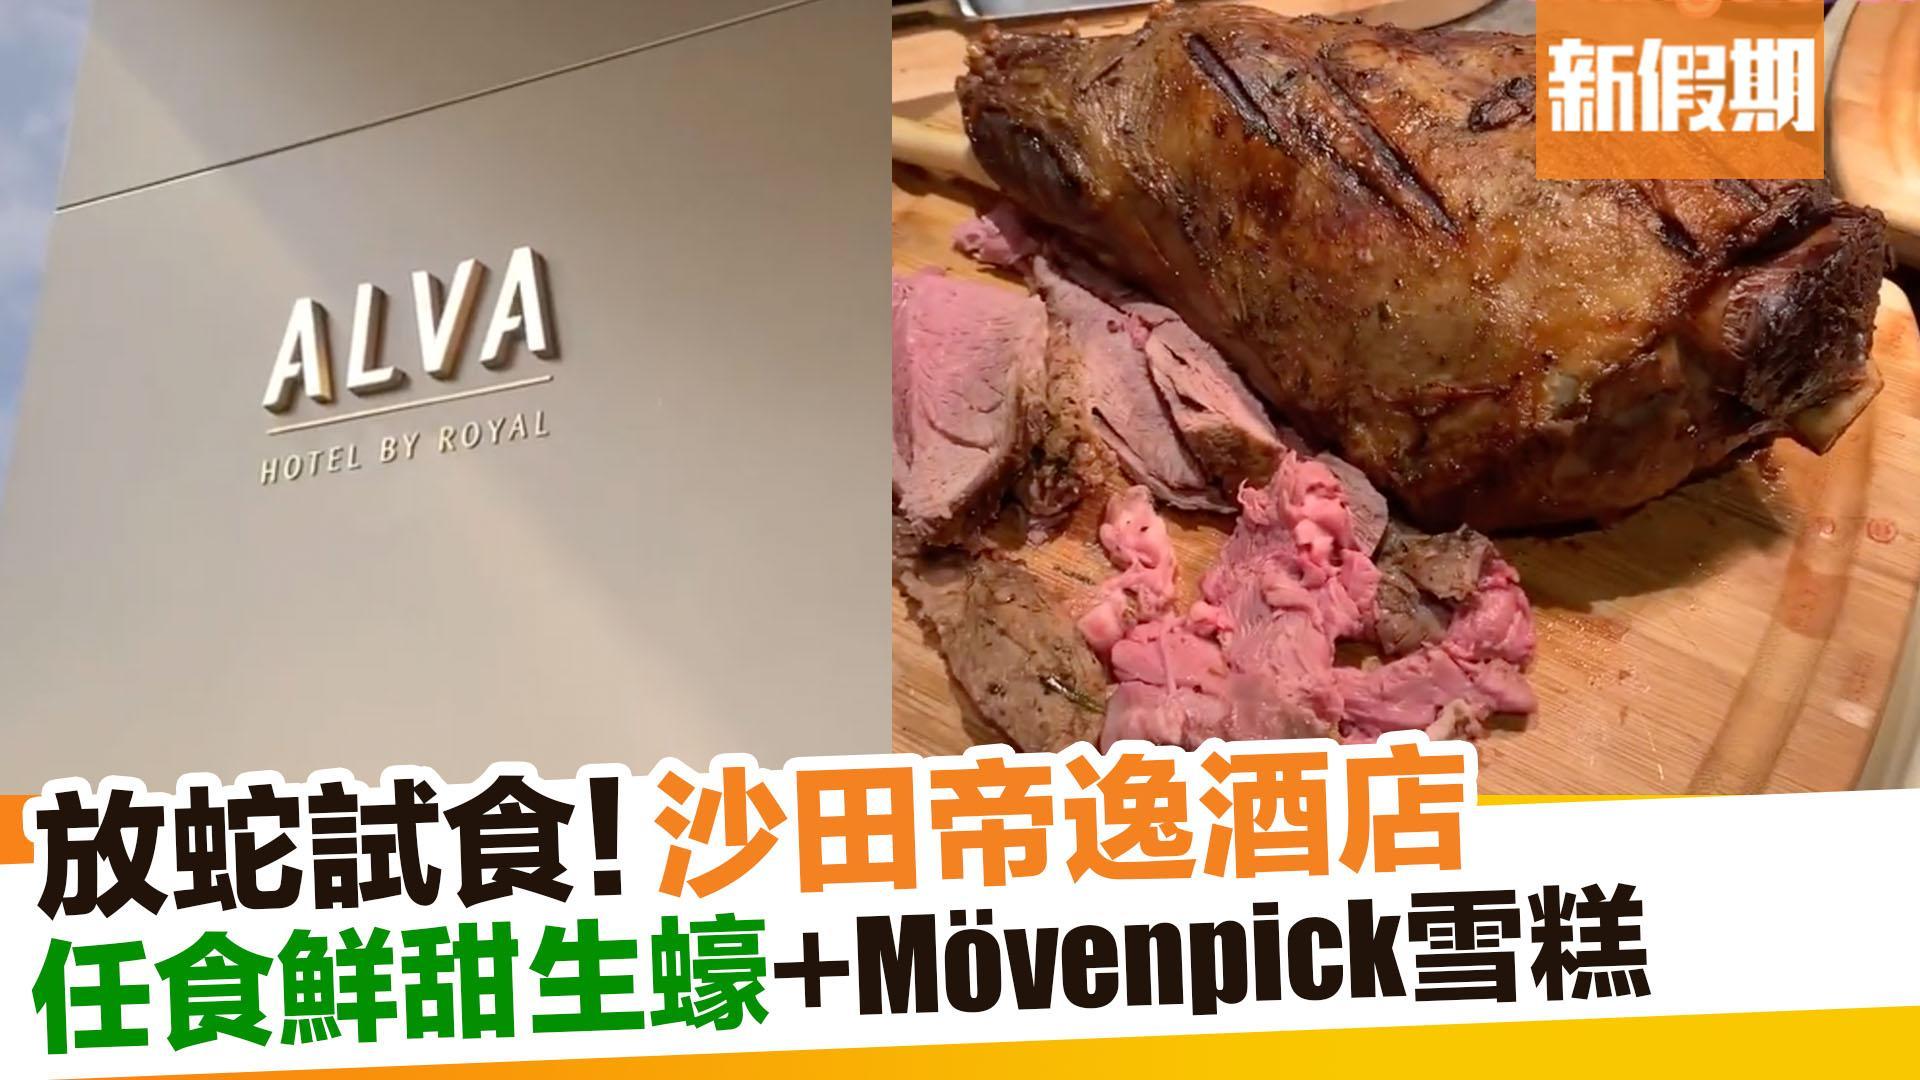 【自助餐放蛇】沙田帝逸酒店自助餐 必食鮮甜生蠔+惹味燒牛肉|新假期